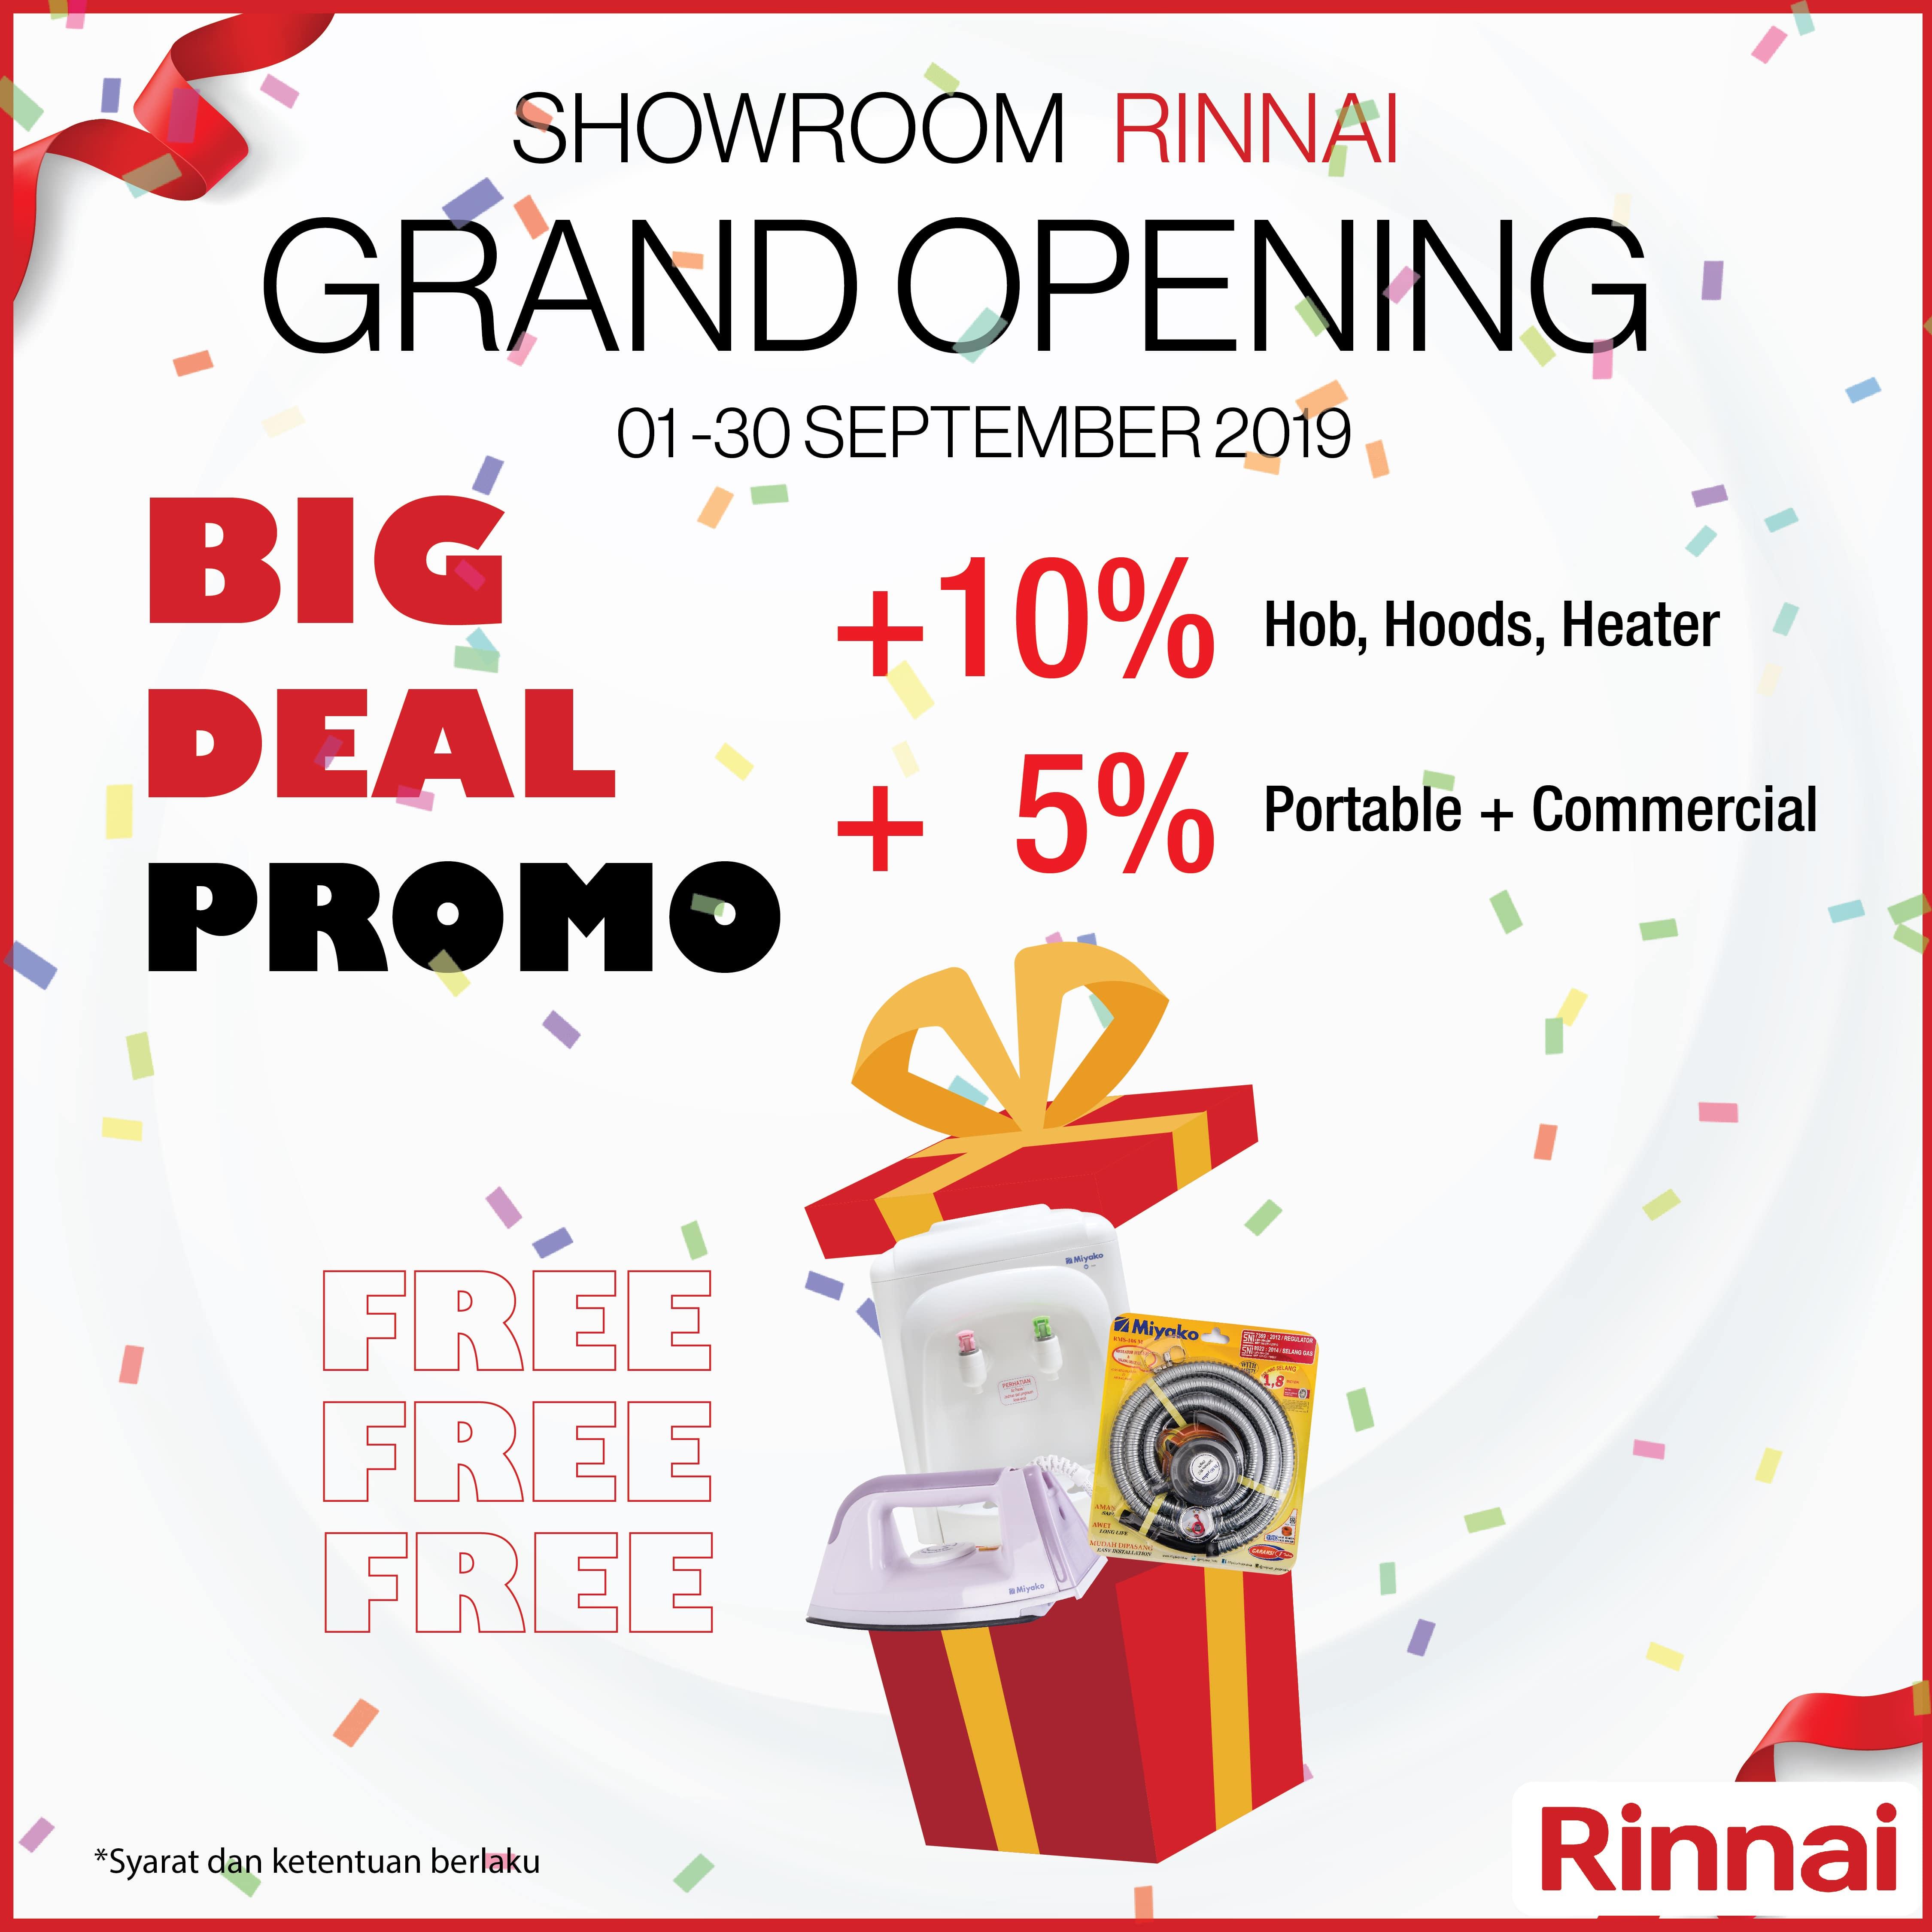 Grand Opening Rinnai Showroom!